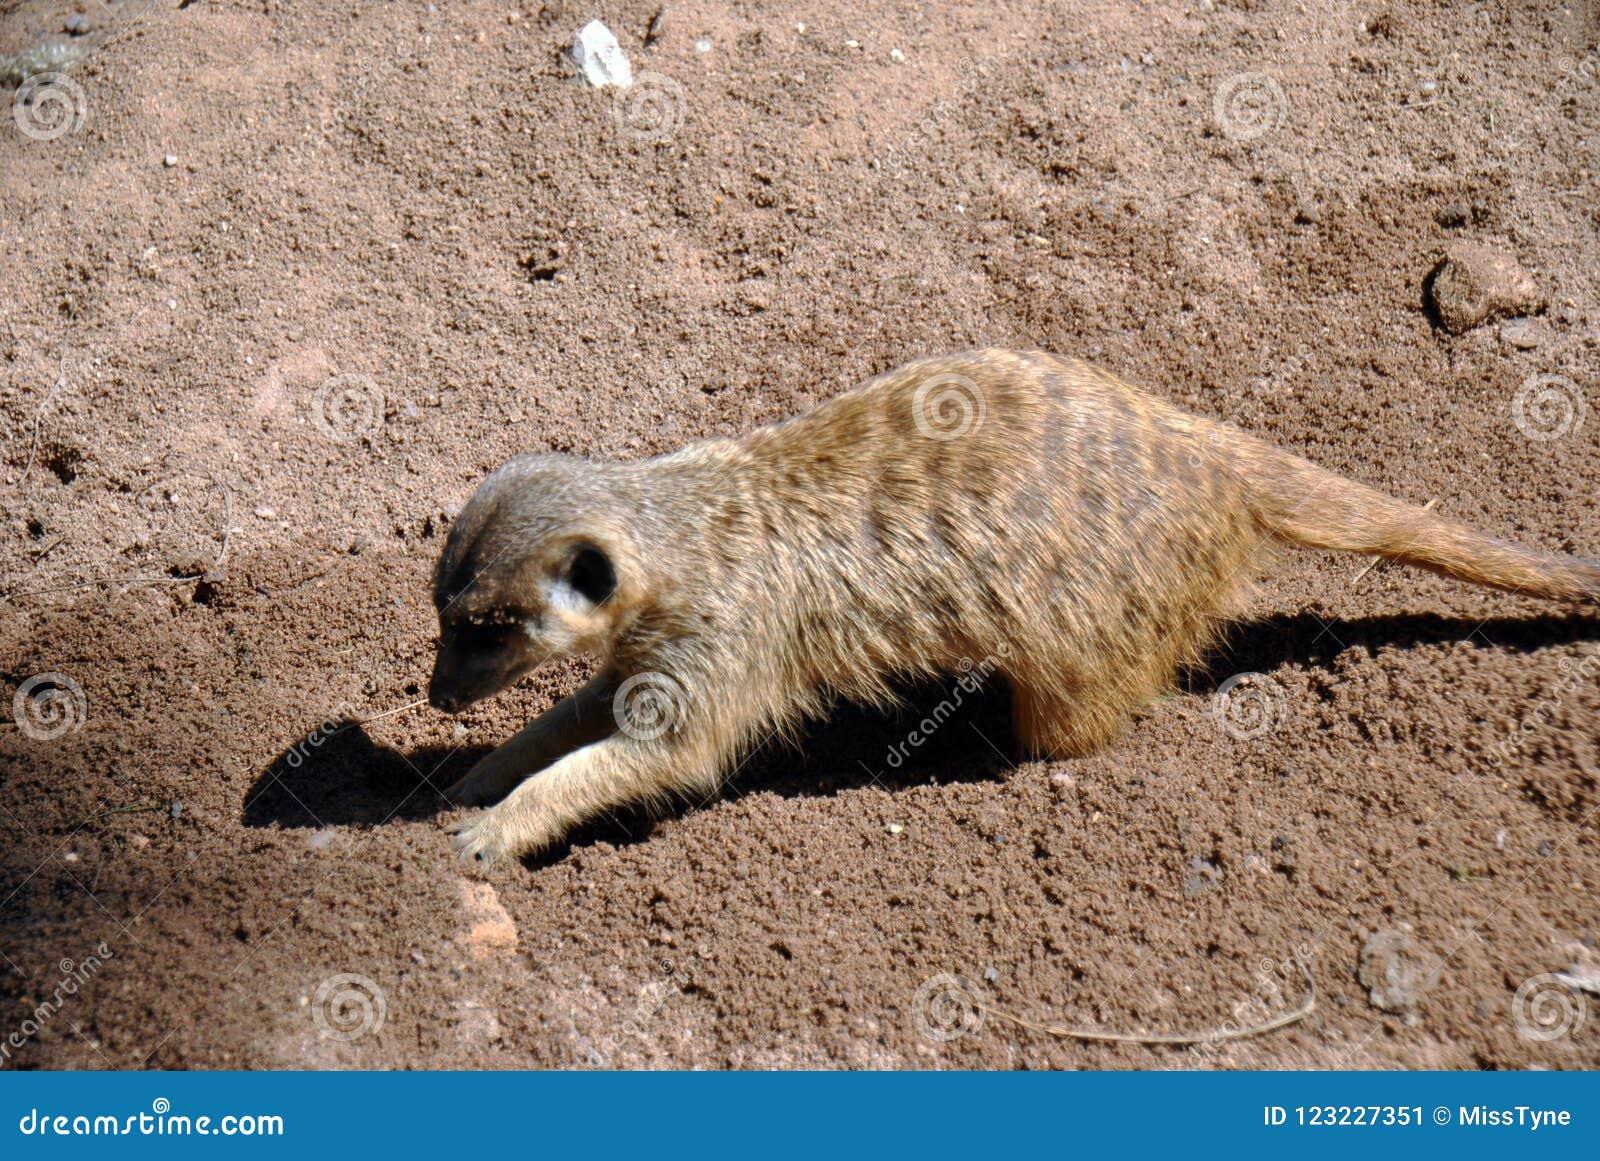 Χαριτωμένο σκάψιμο meerkat γύρω στην άμμο στην ηλιοφάνεια